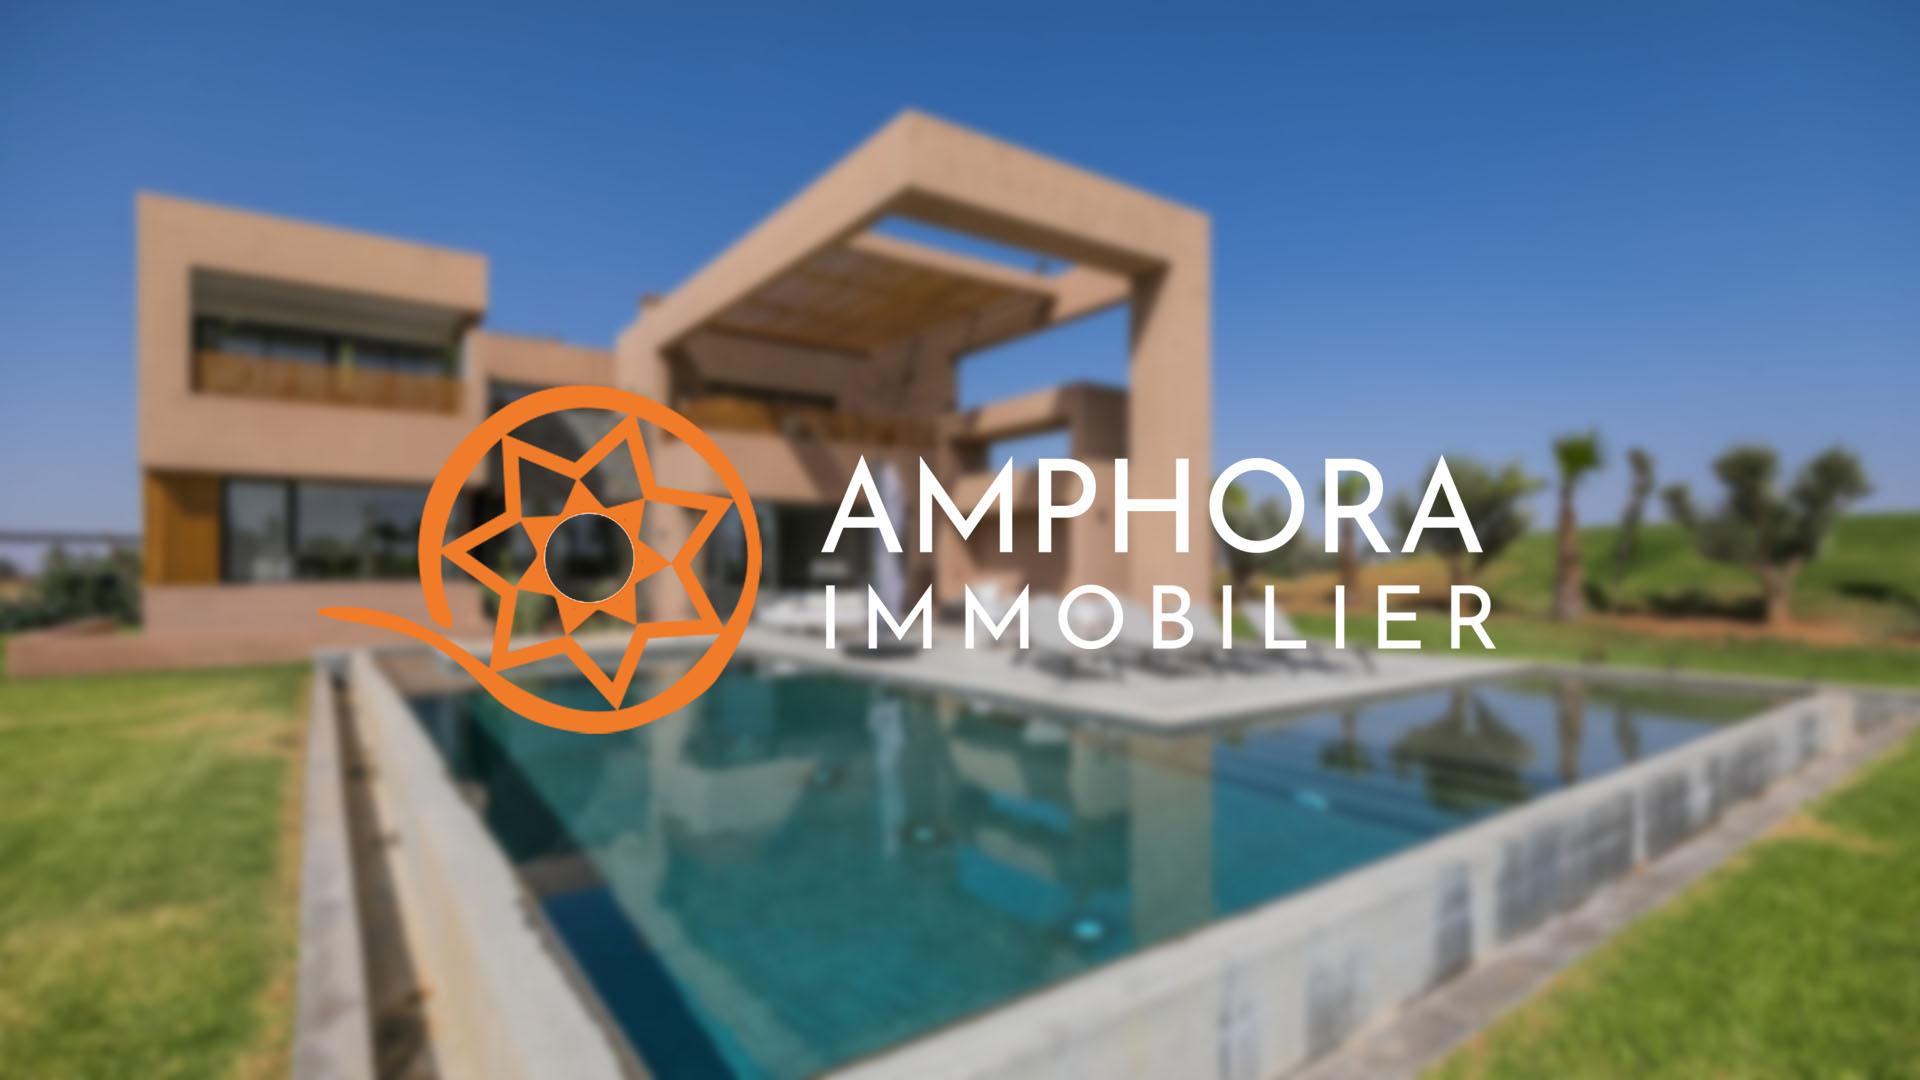 Amphora immobilier une agence qui s'adapte à vos besoins